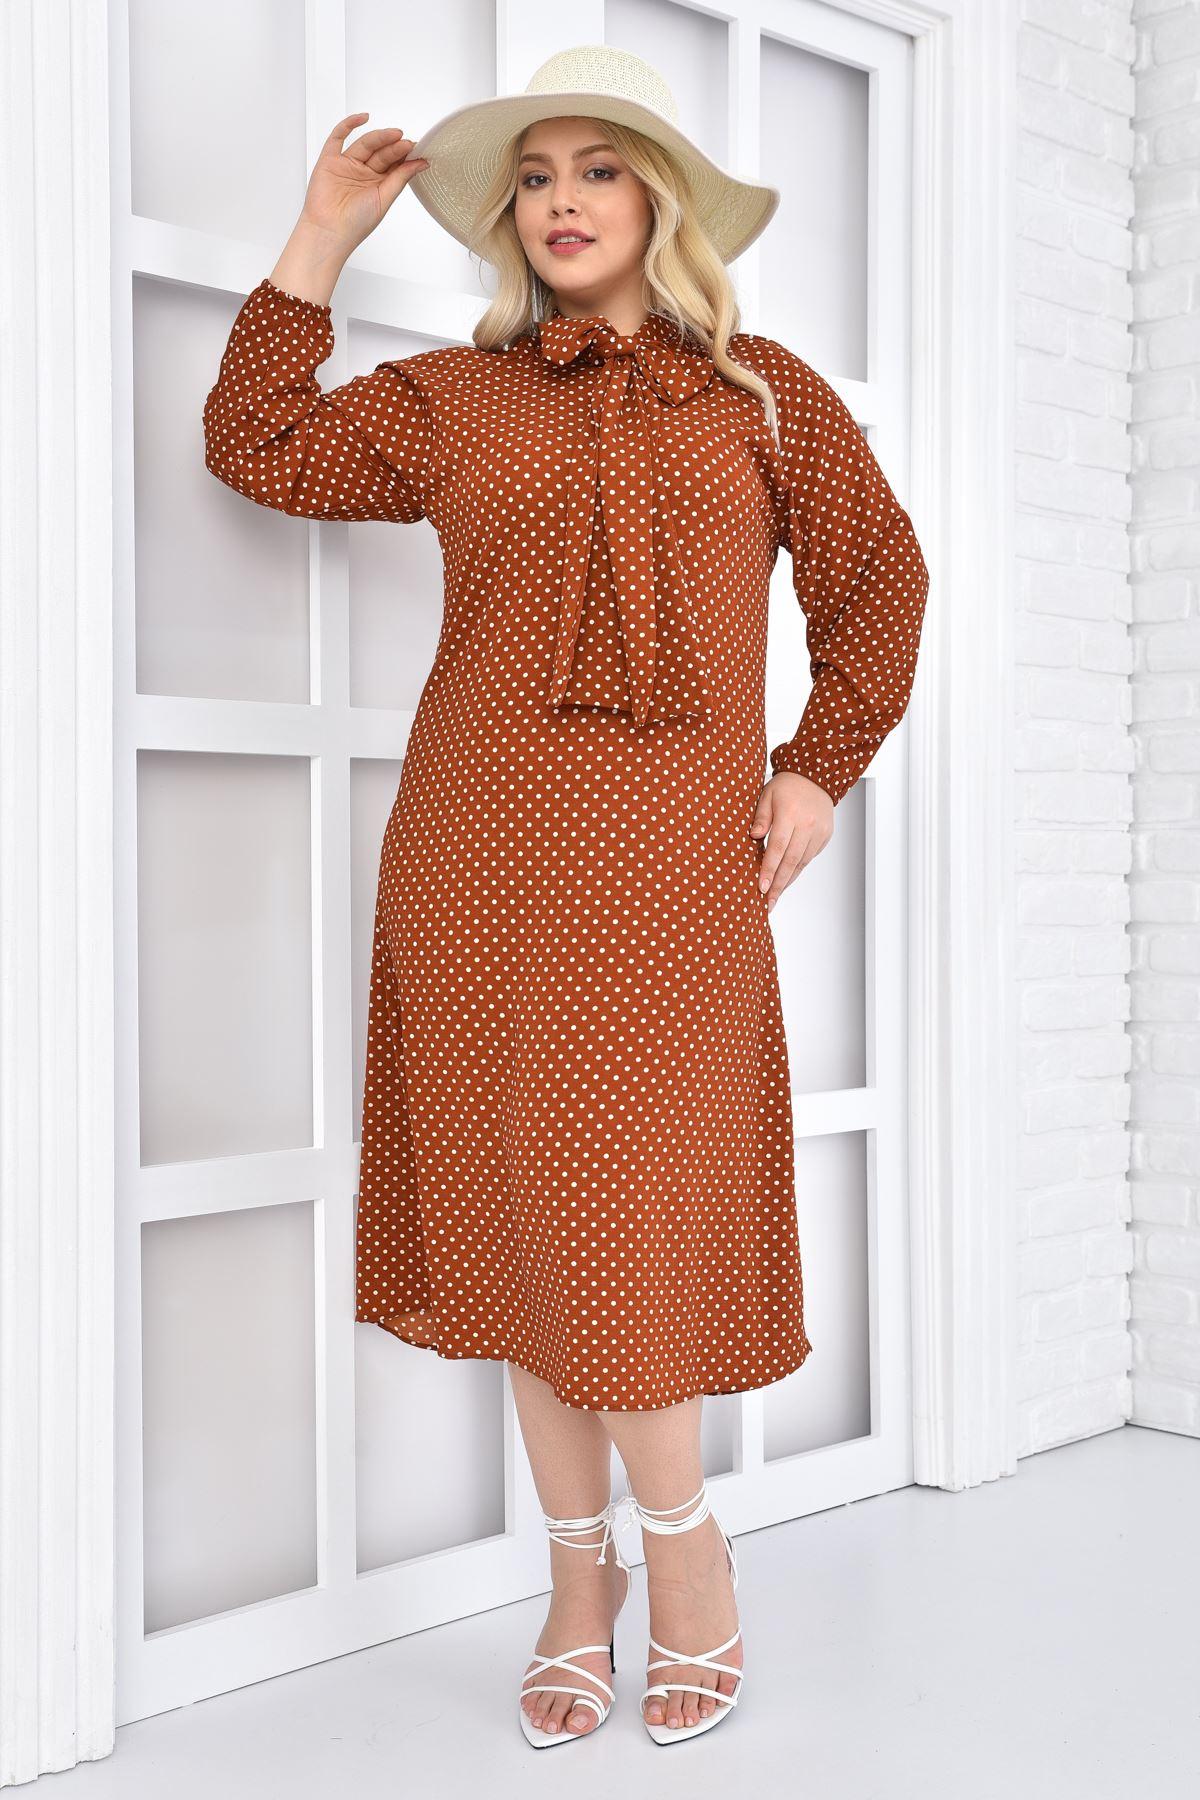 Kadın Kiremit Büyük Beden Elbise Puantiye Kıravatlı